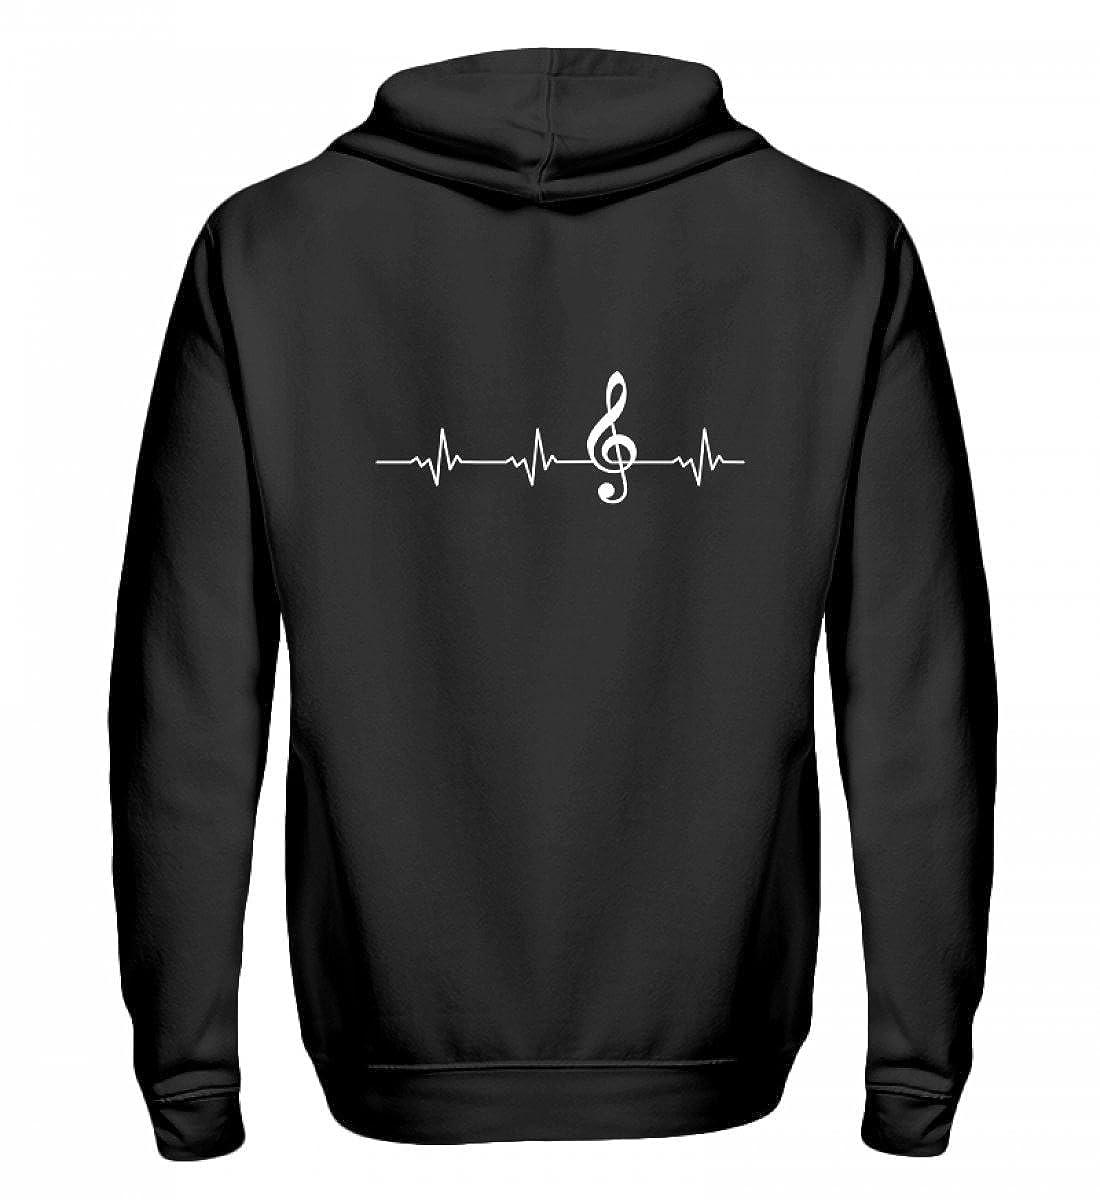 Orchester und Chor T-Shirt für alle, die Musik lieben  - Zip-Hoodie